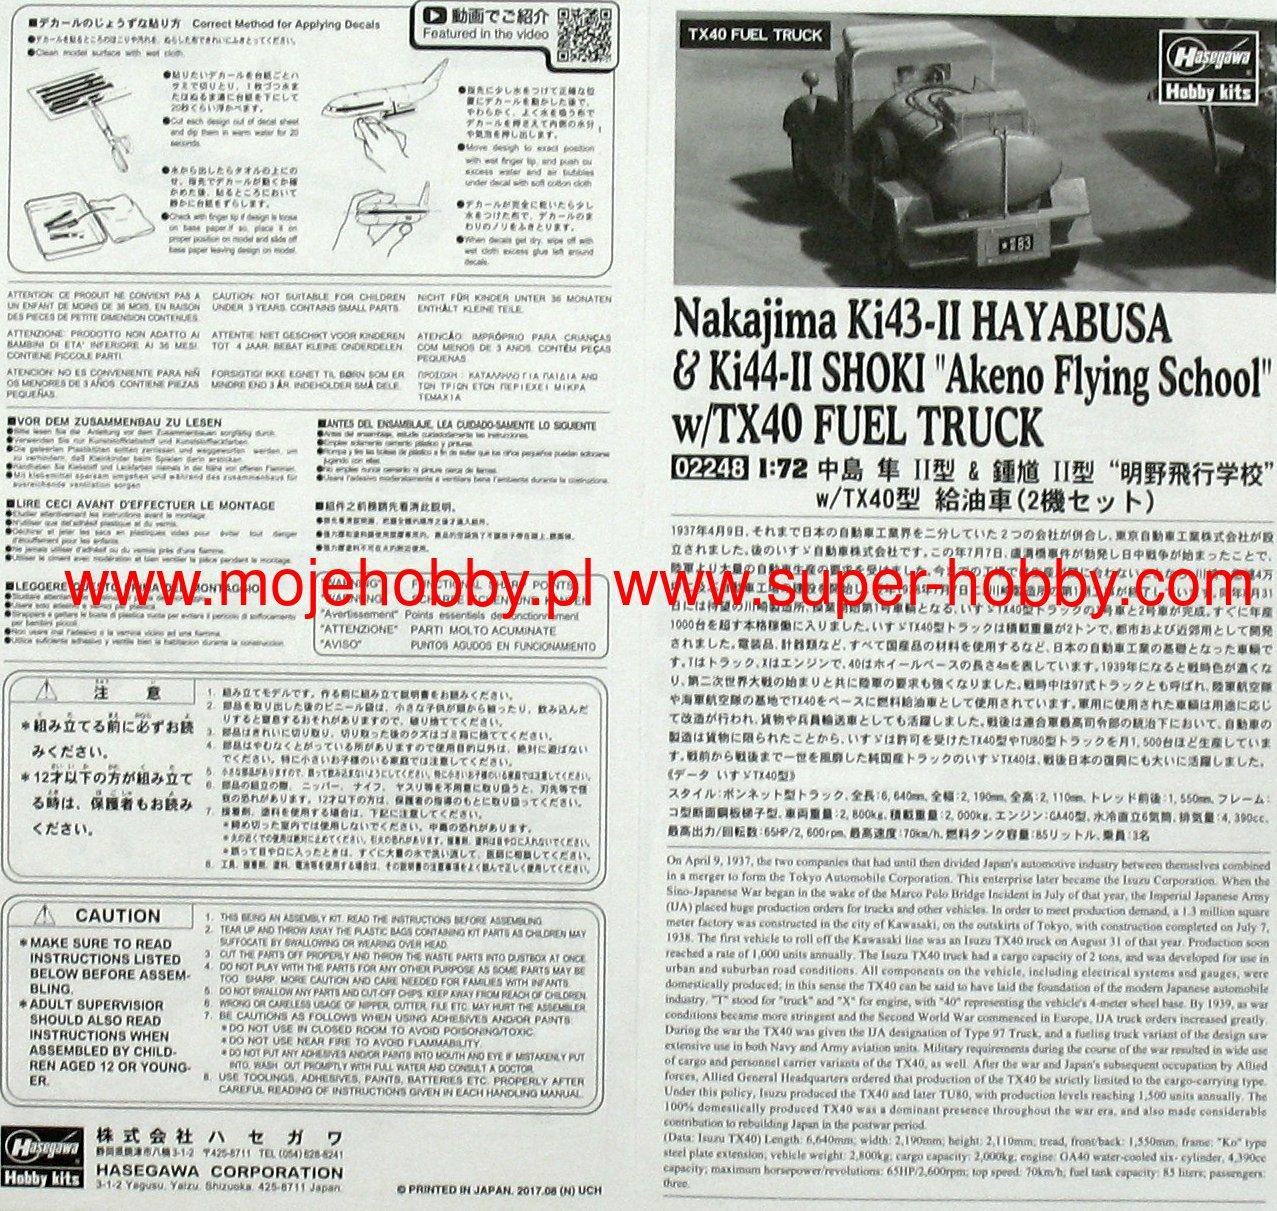 Hasegawa 02248 Nakajima Ki43-II Hayabusa Ki44-II Shoki Akeno Flying School 1//72